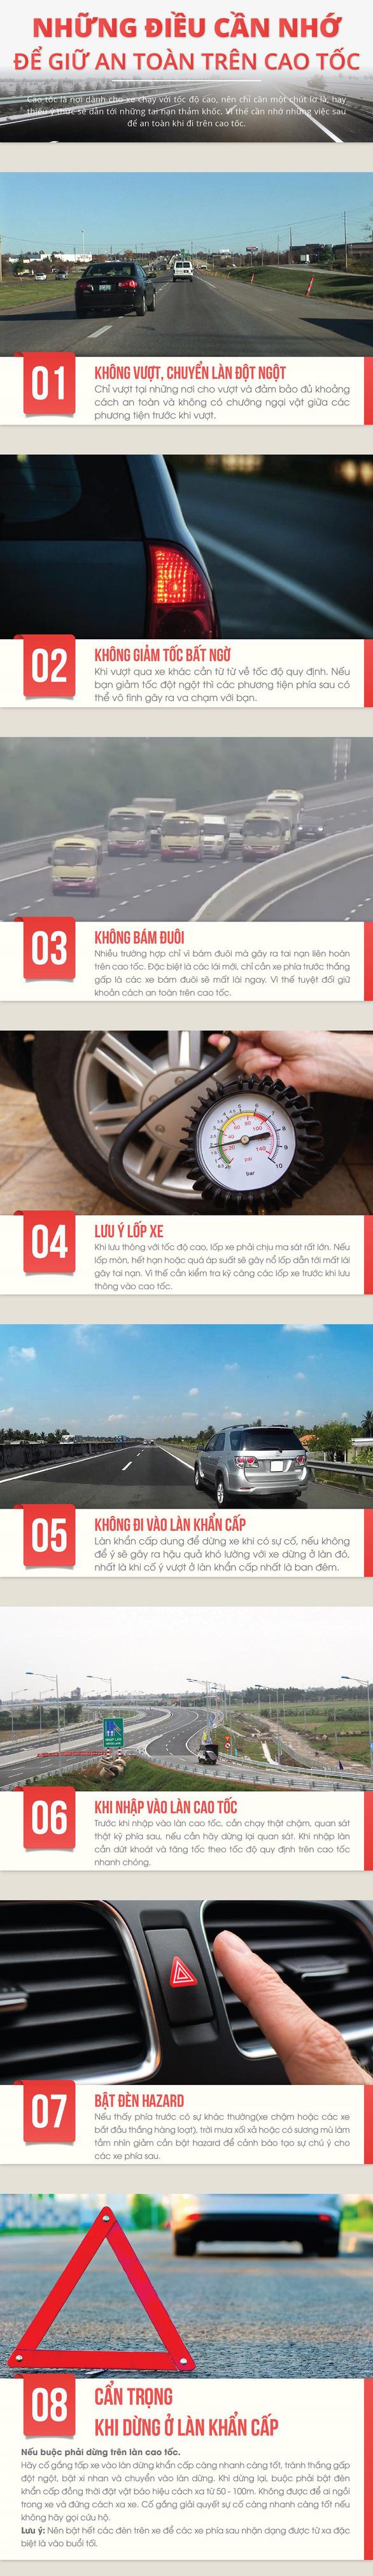 Những điều cần nhớ để giữ an toàn trên đường cao tốc - Ảnh 1.